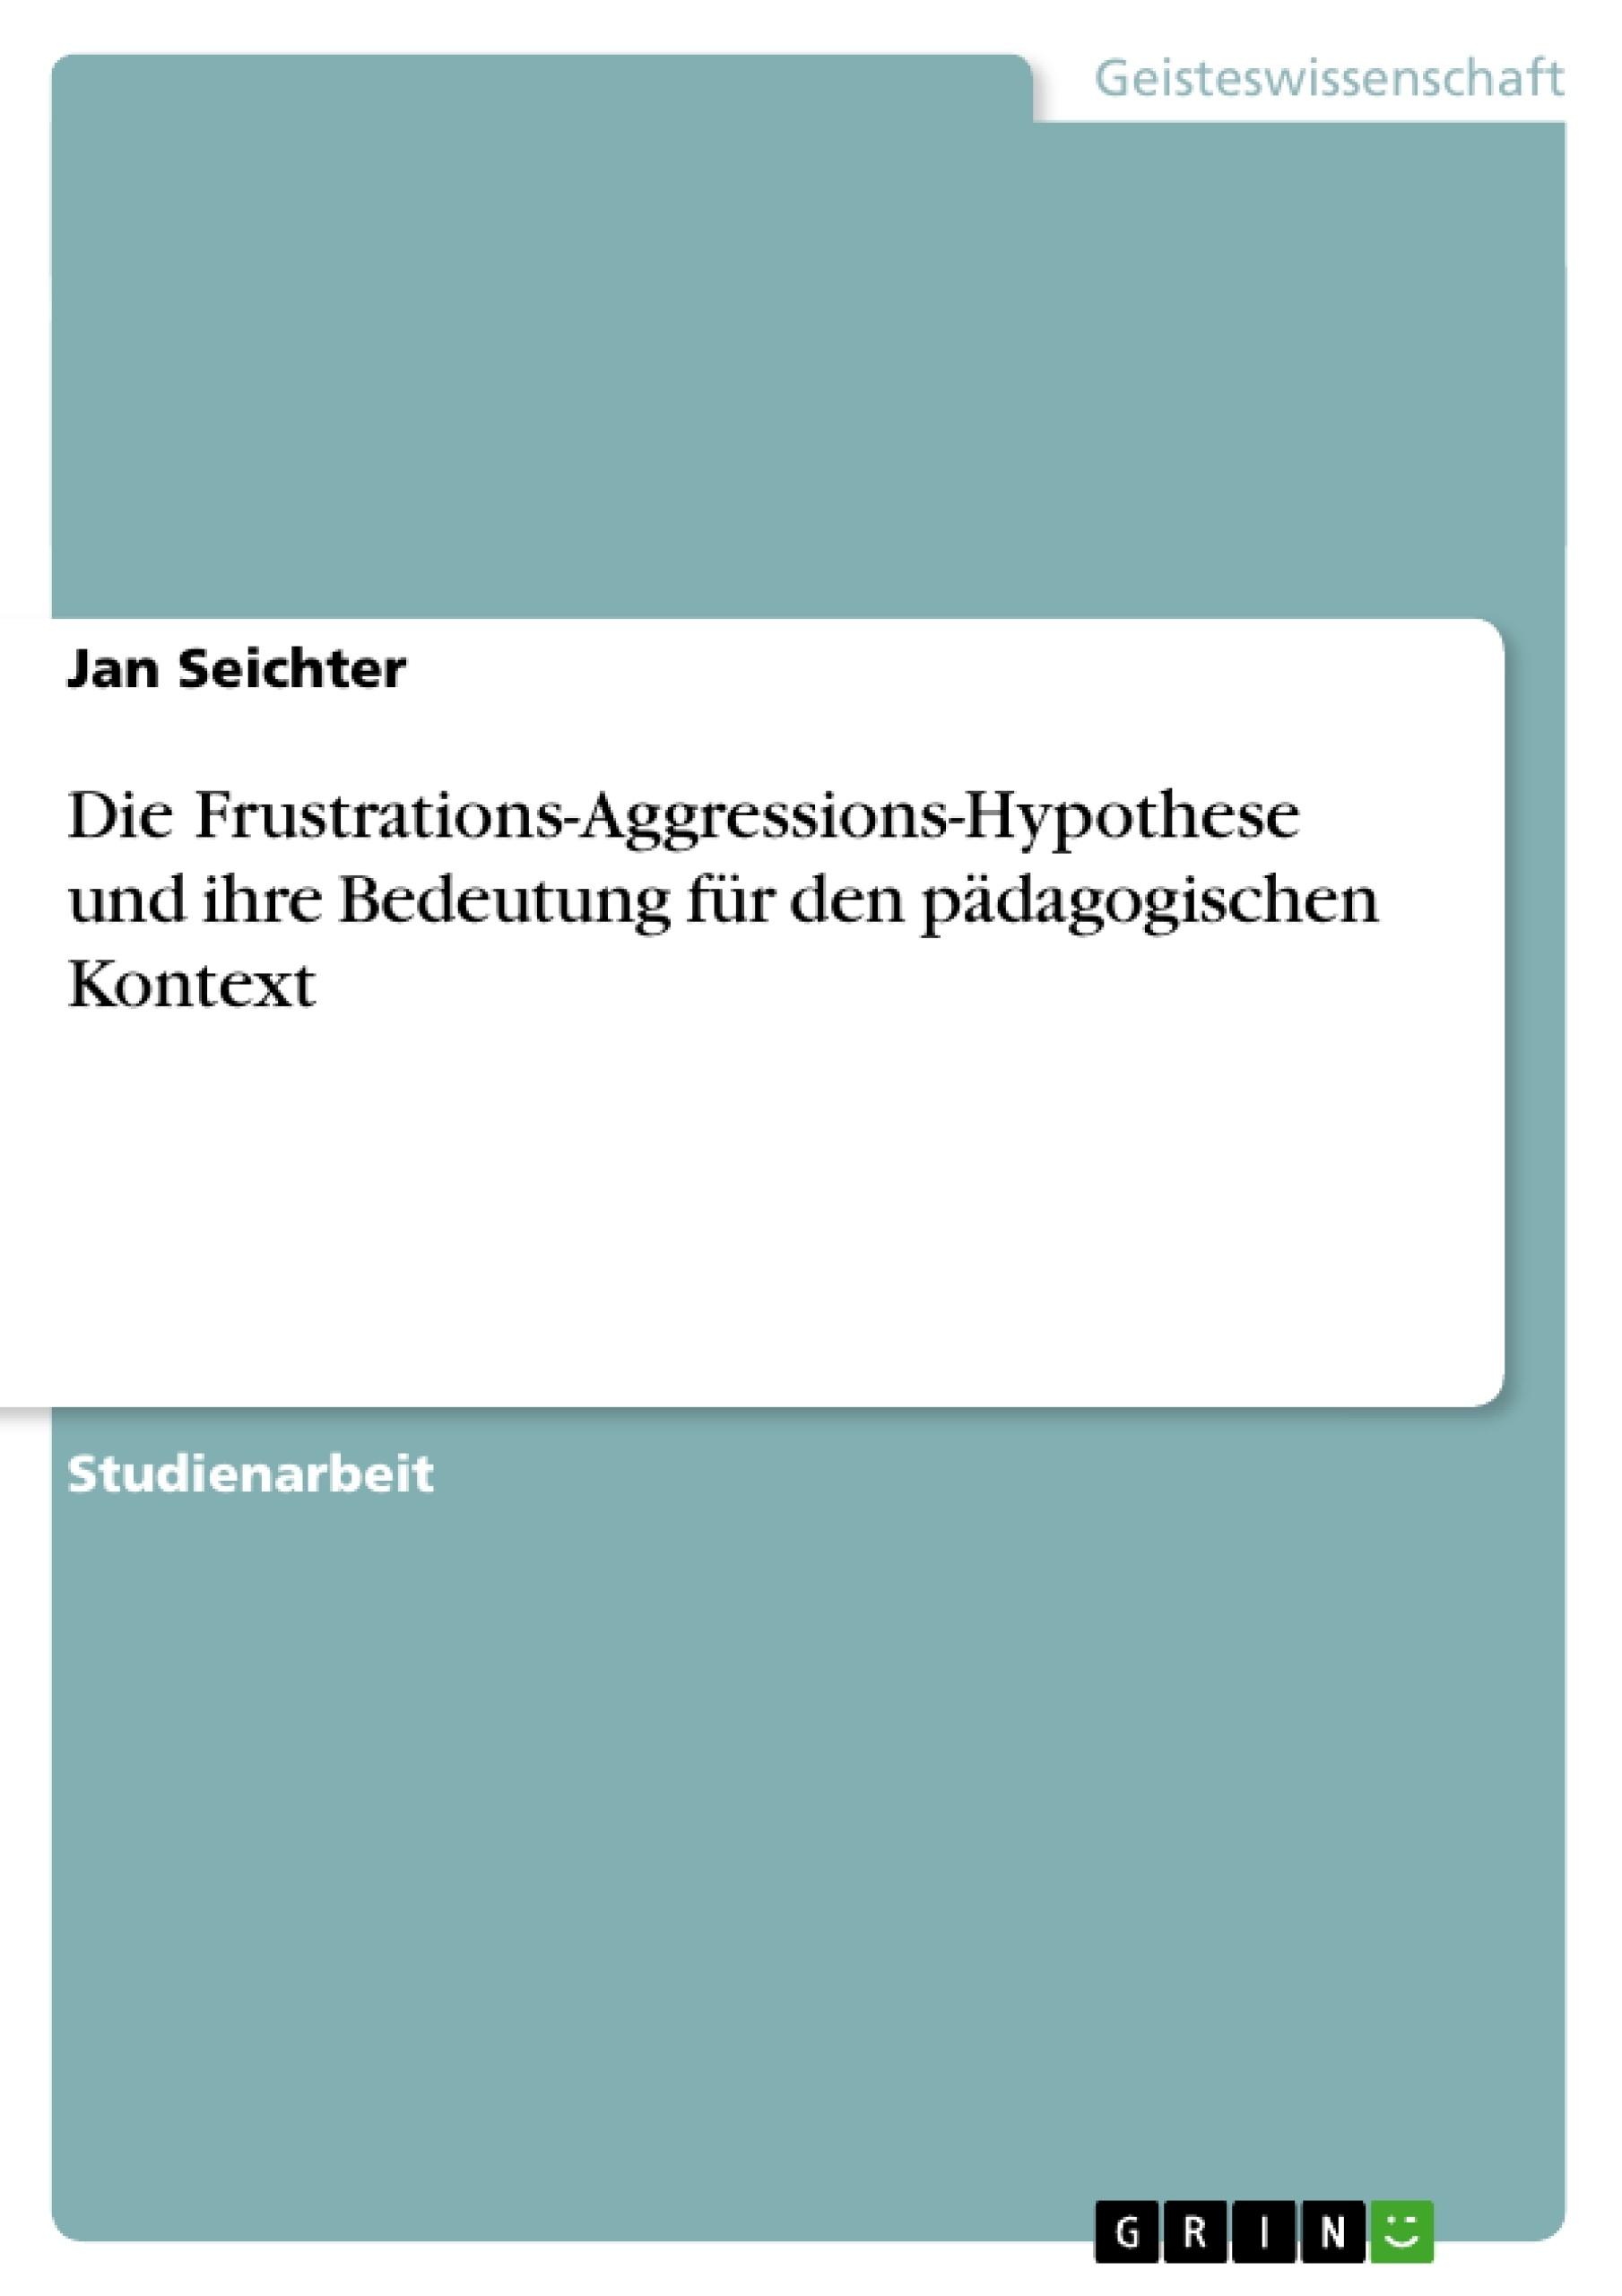 Titel: Die Frustrations-Aggressions-Hypothese und ihre Bedeutung für den pädagogischen Kontext